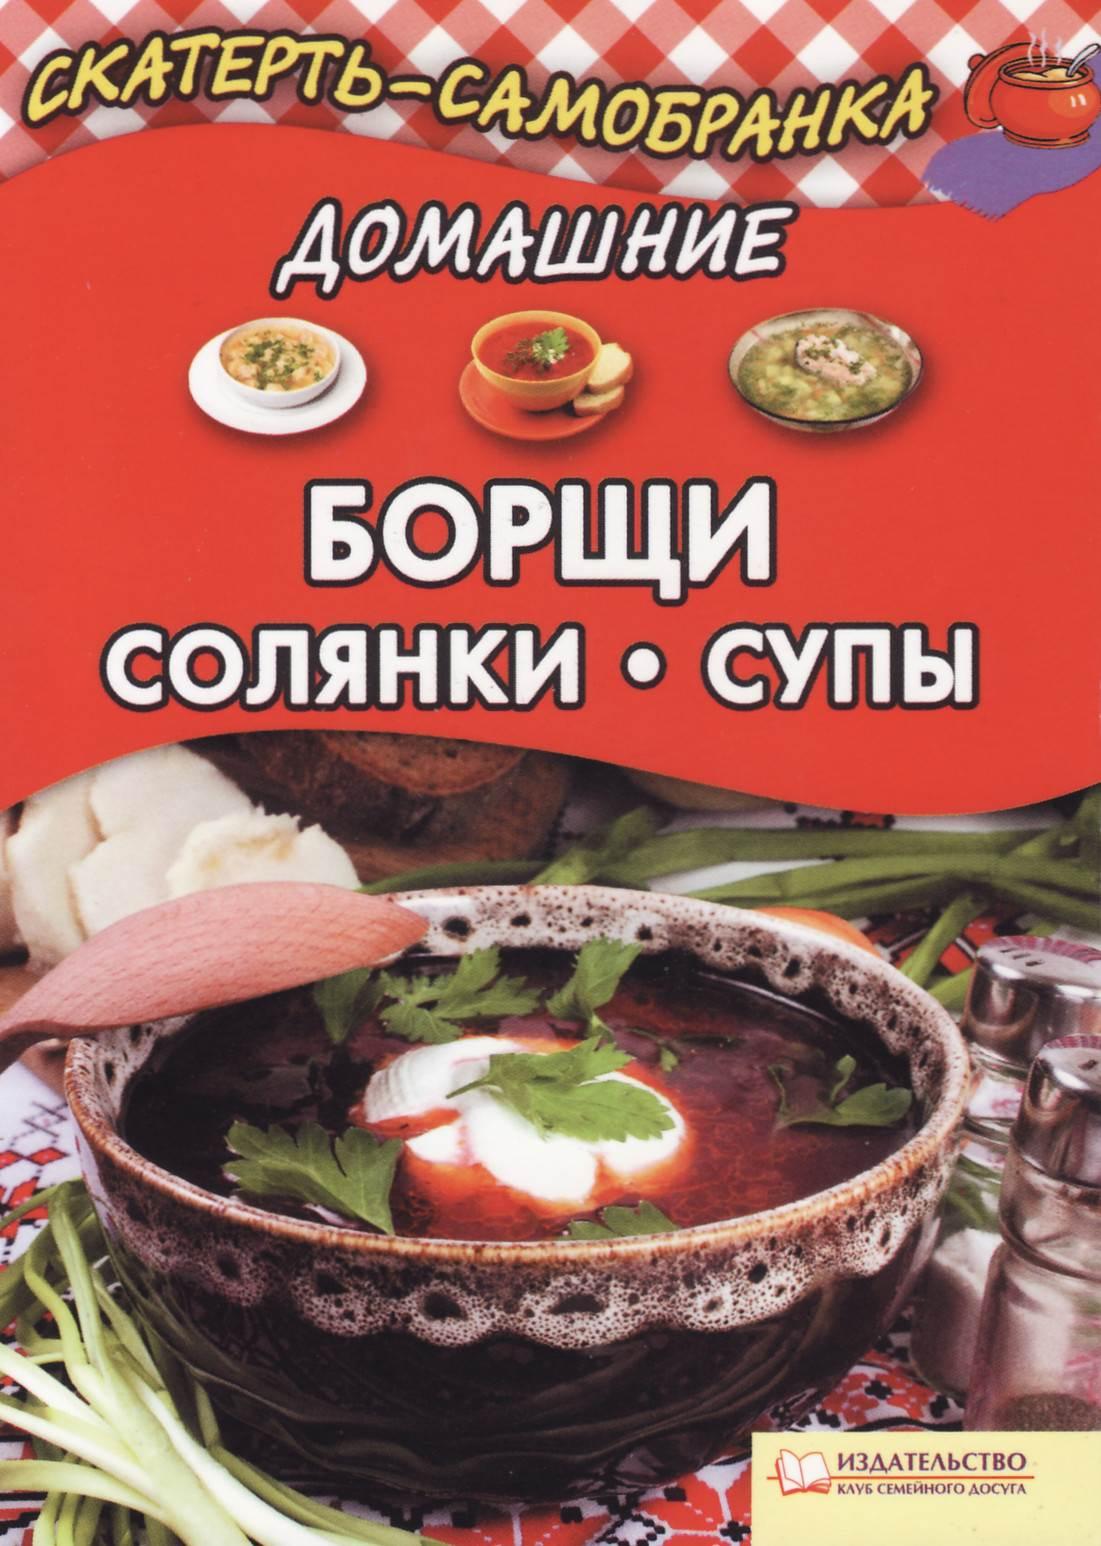 Skatert samobranka. Domashnie borshhi solyanki supyi Солянки с мясом или птицей, рыбой или морепродуктами, с грибами и овощами